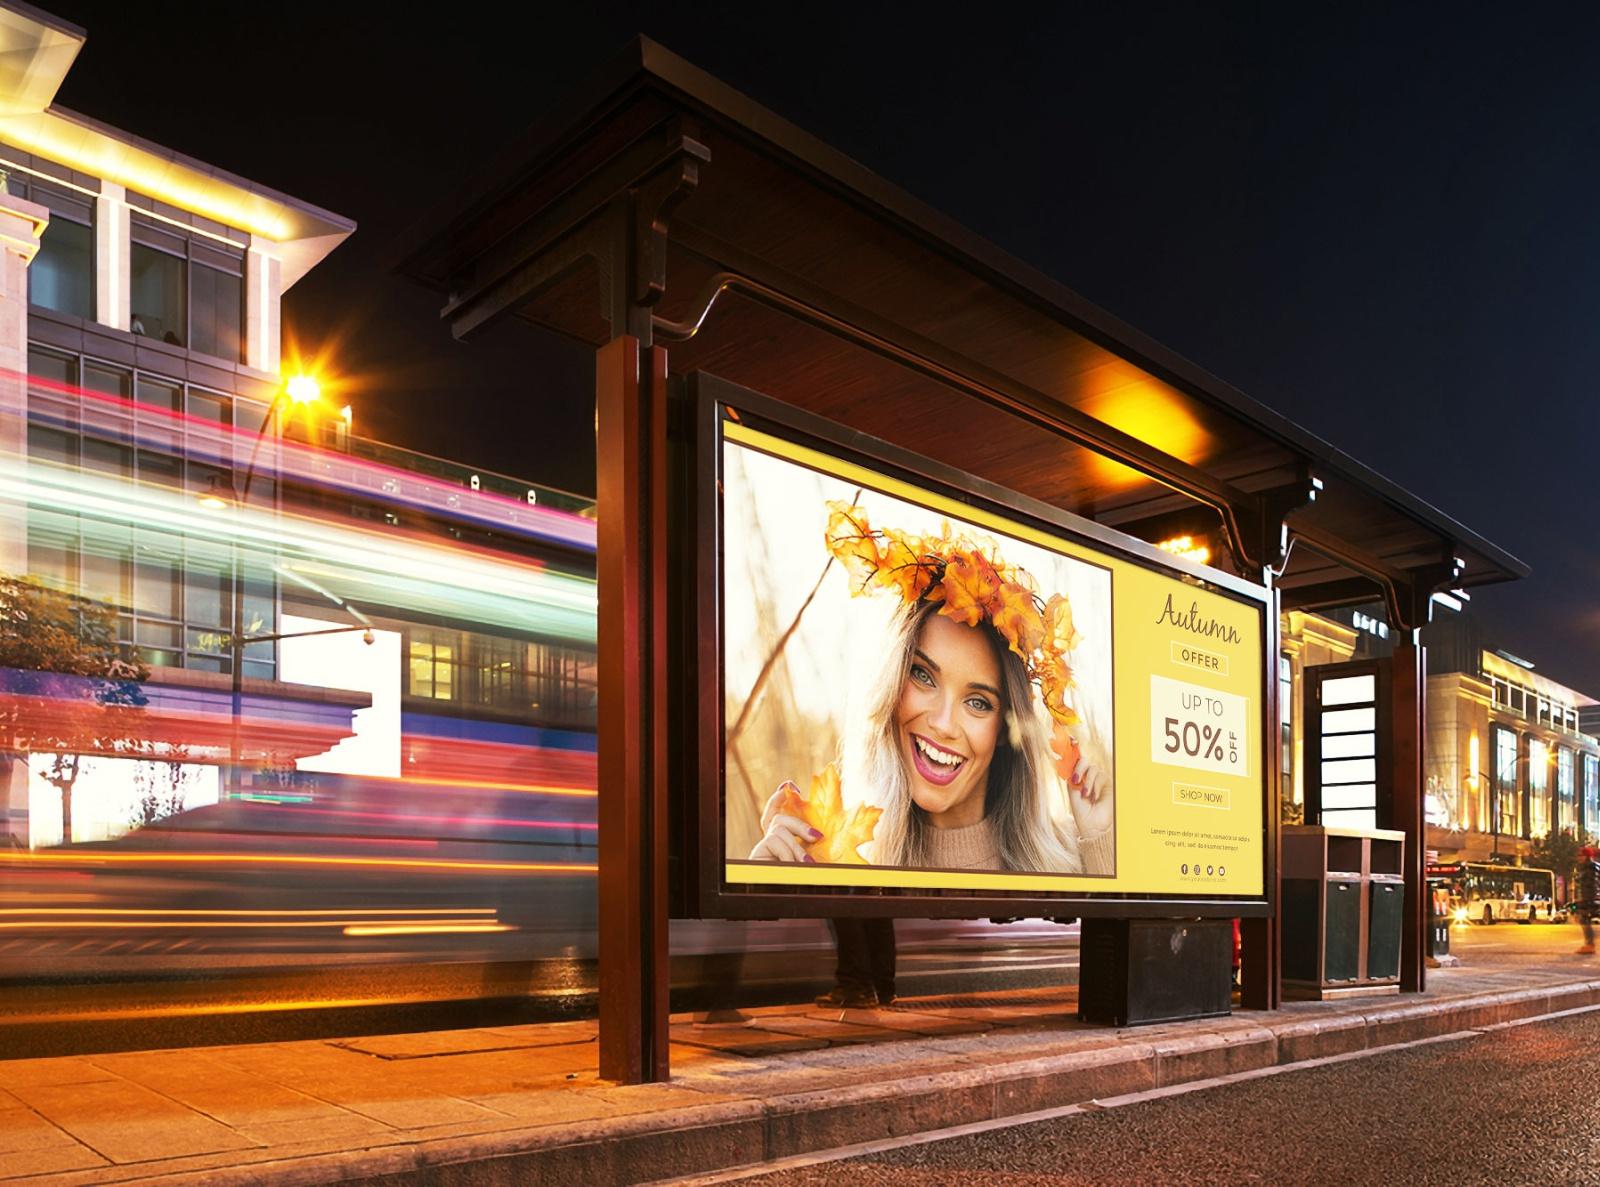 Современный рекламный  билборд   (billboard)